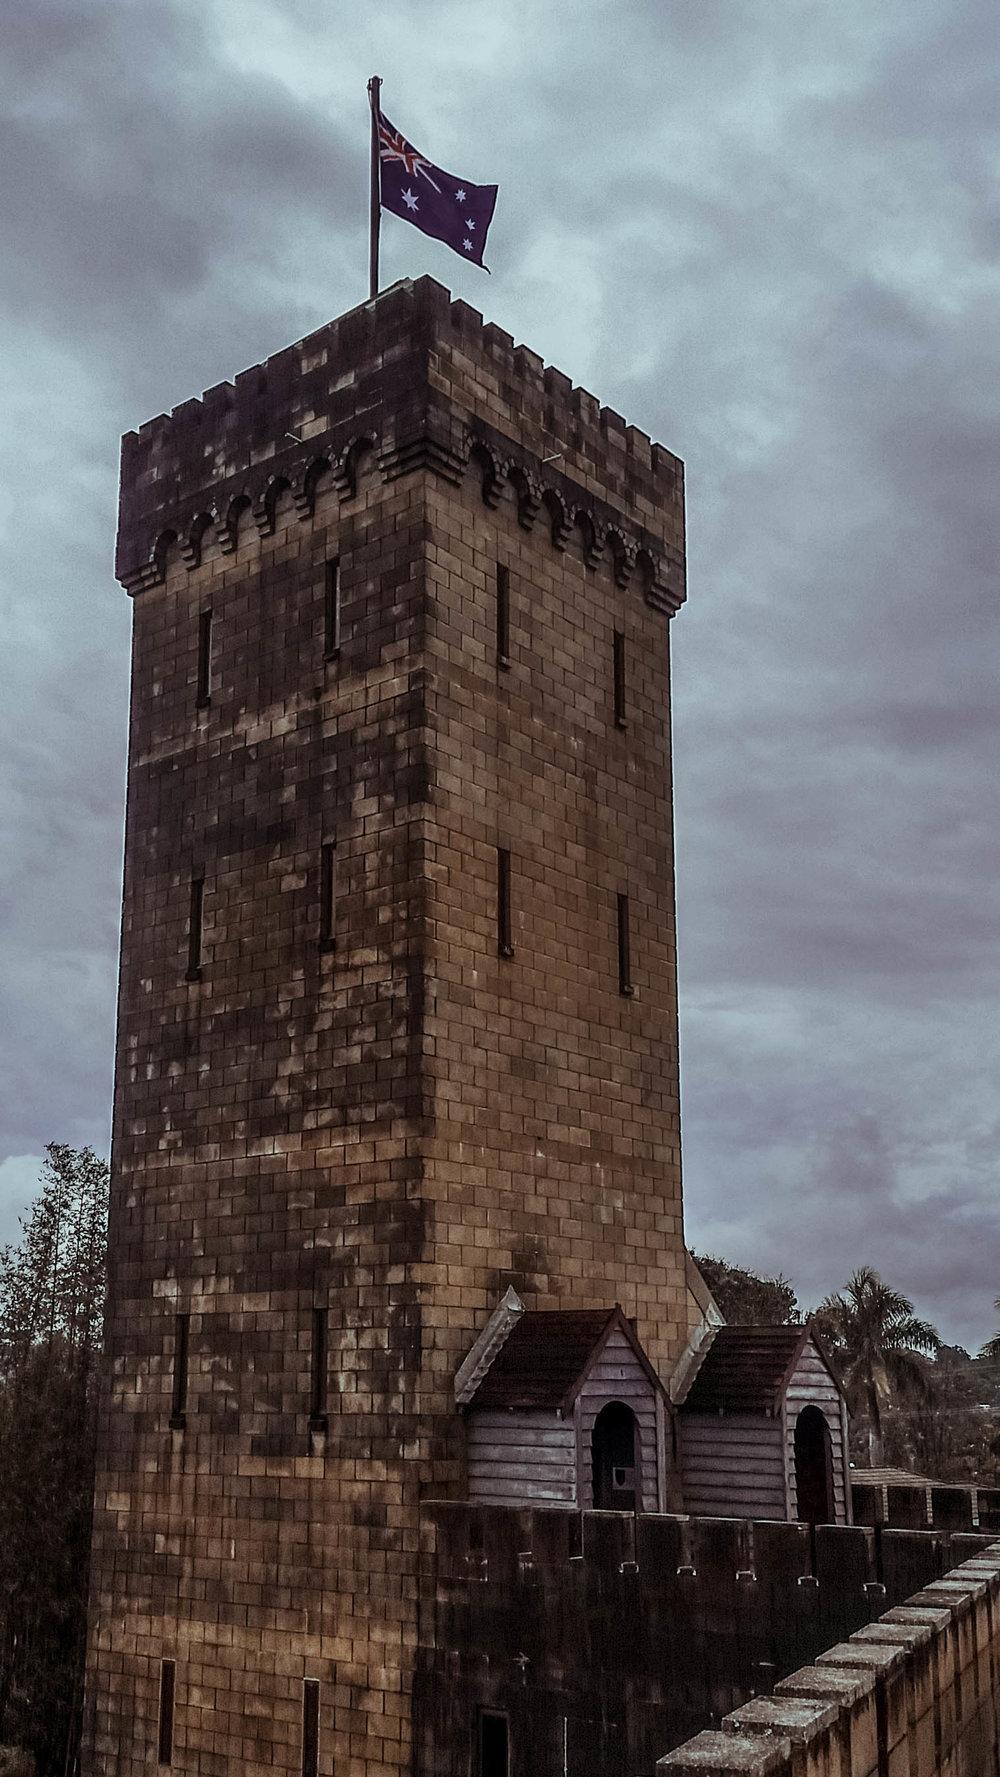 castleturret.jpg